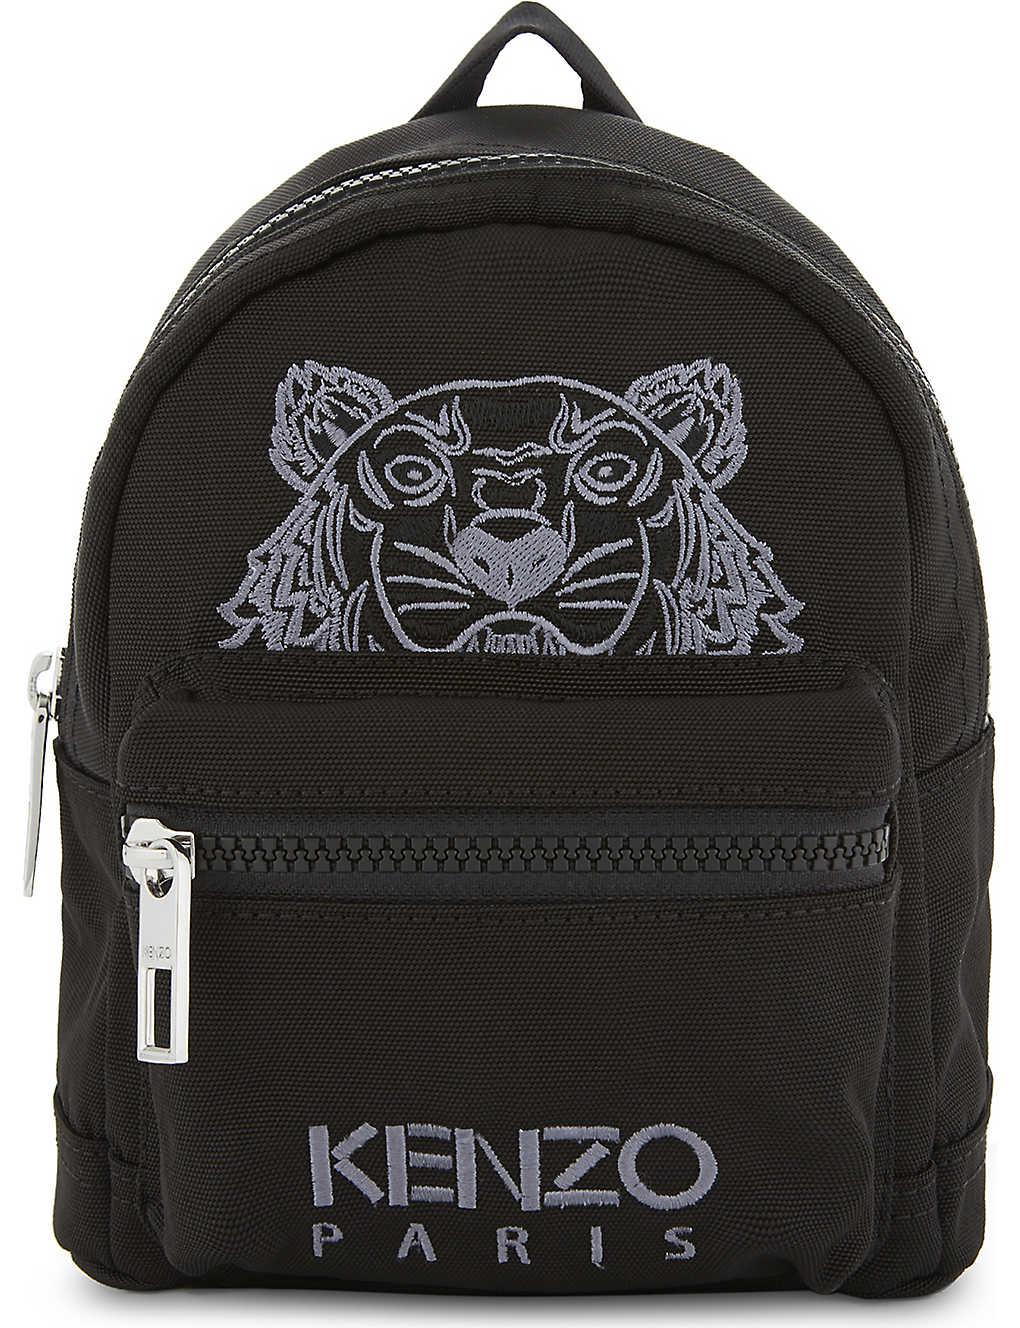 cdae1bba9 KENZO - Embroidered tiger mini backpack | Selfridges.com